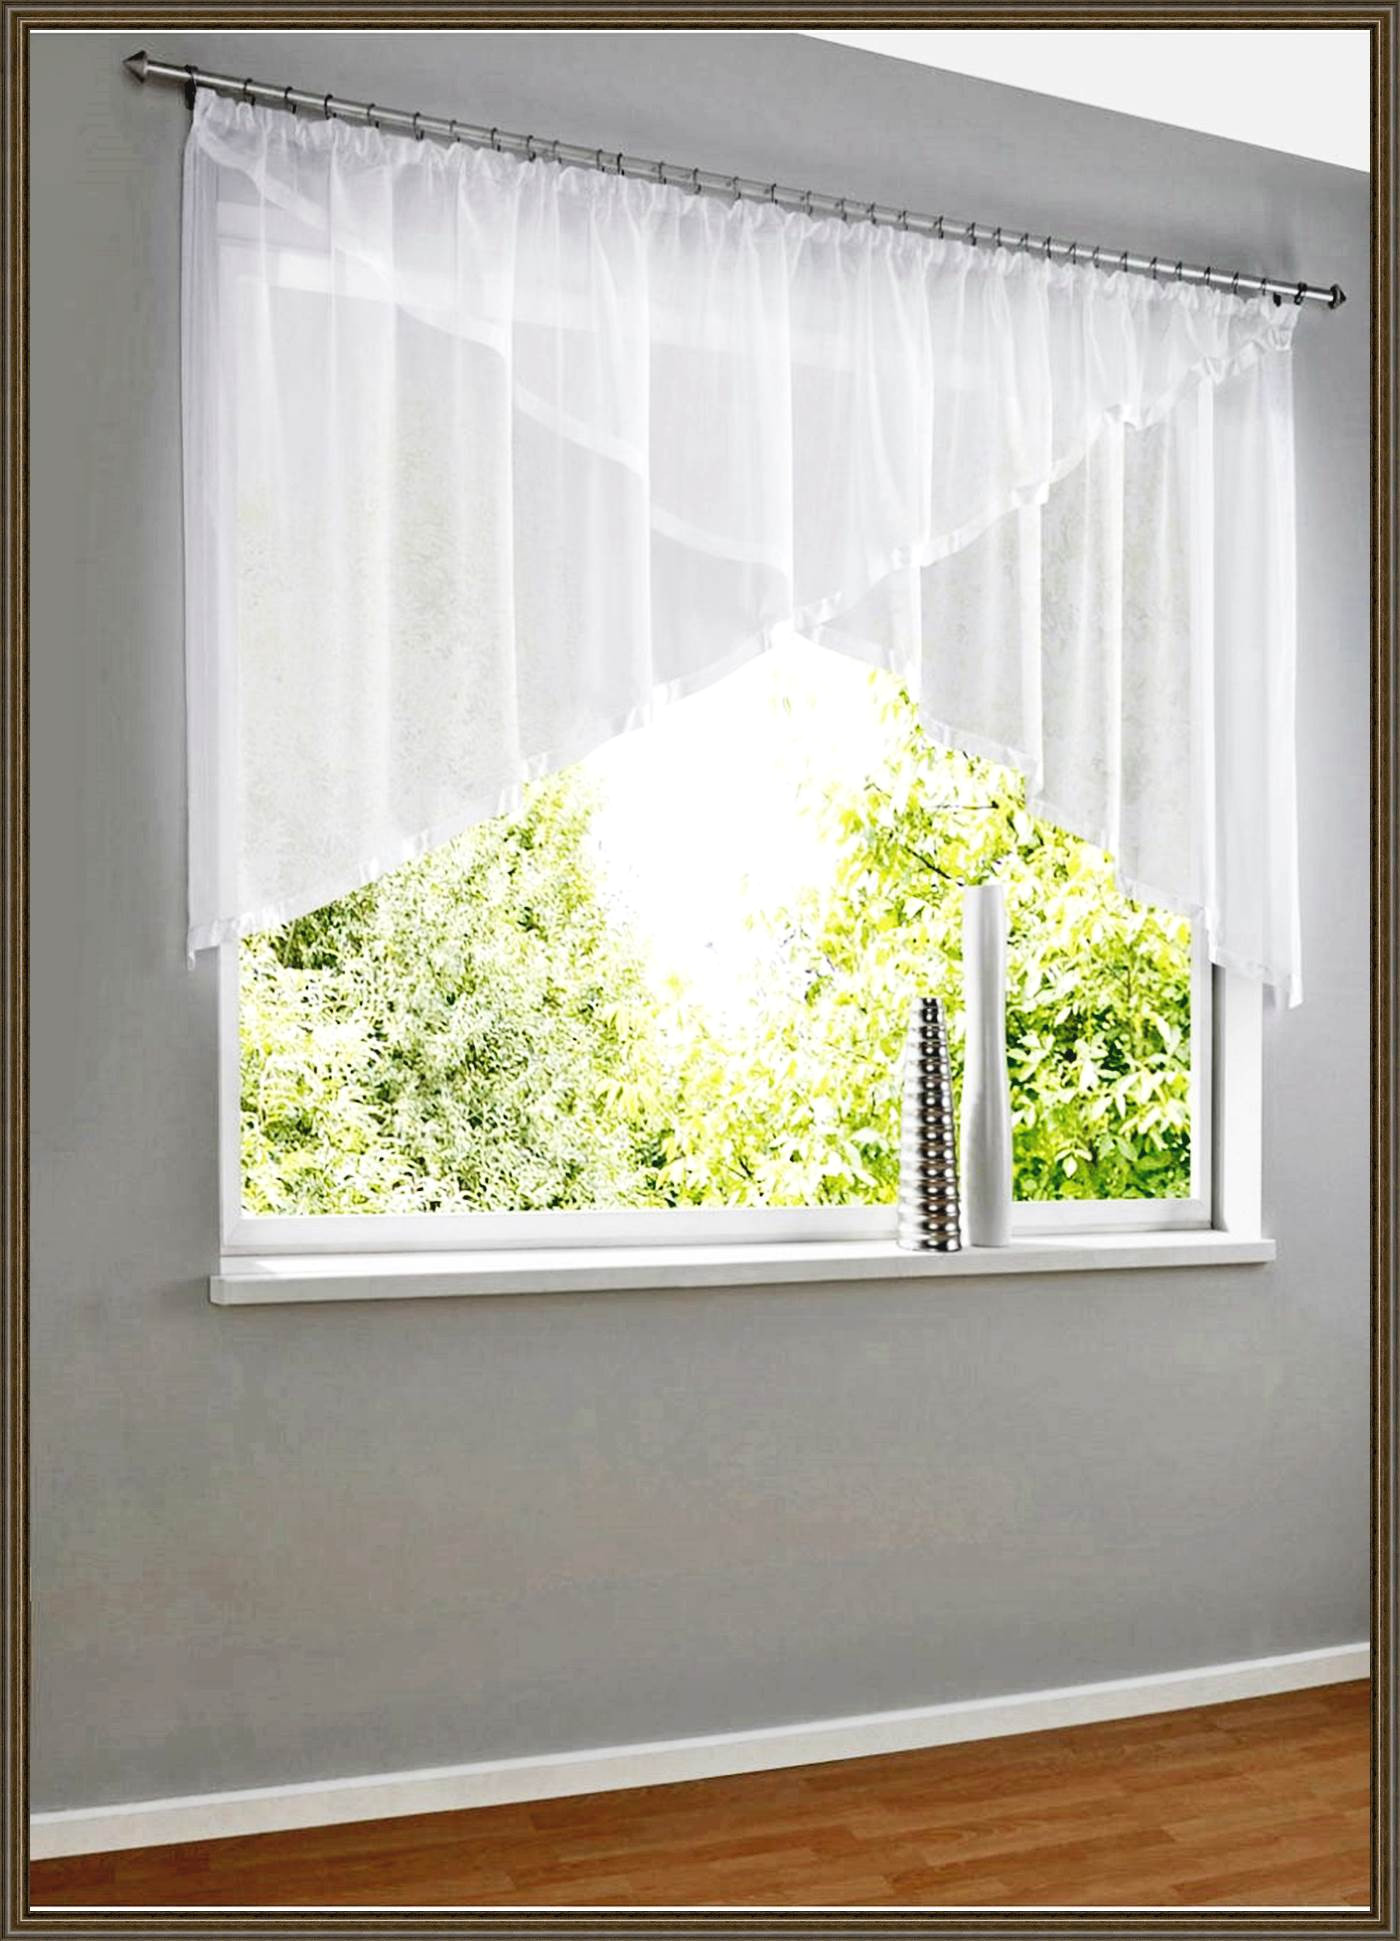 Full Size of Fenster Gardinen Schlafzimmer Wohnzimmer Bad Renovieren Ideen Küche Scheibengardinen Für Die Tapeten Wohnzimmer Ideen Gardinen